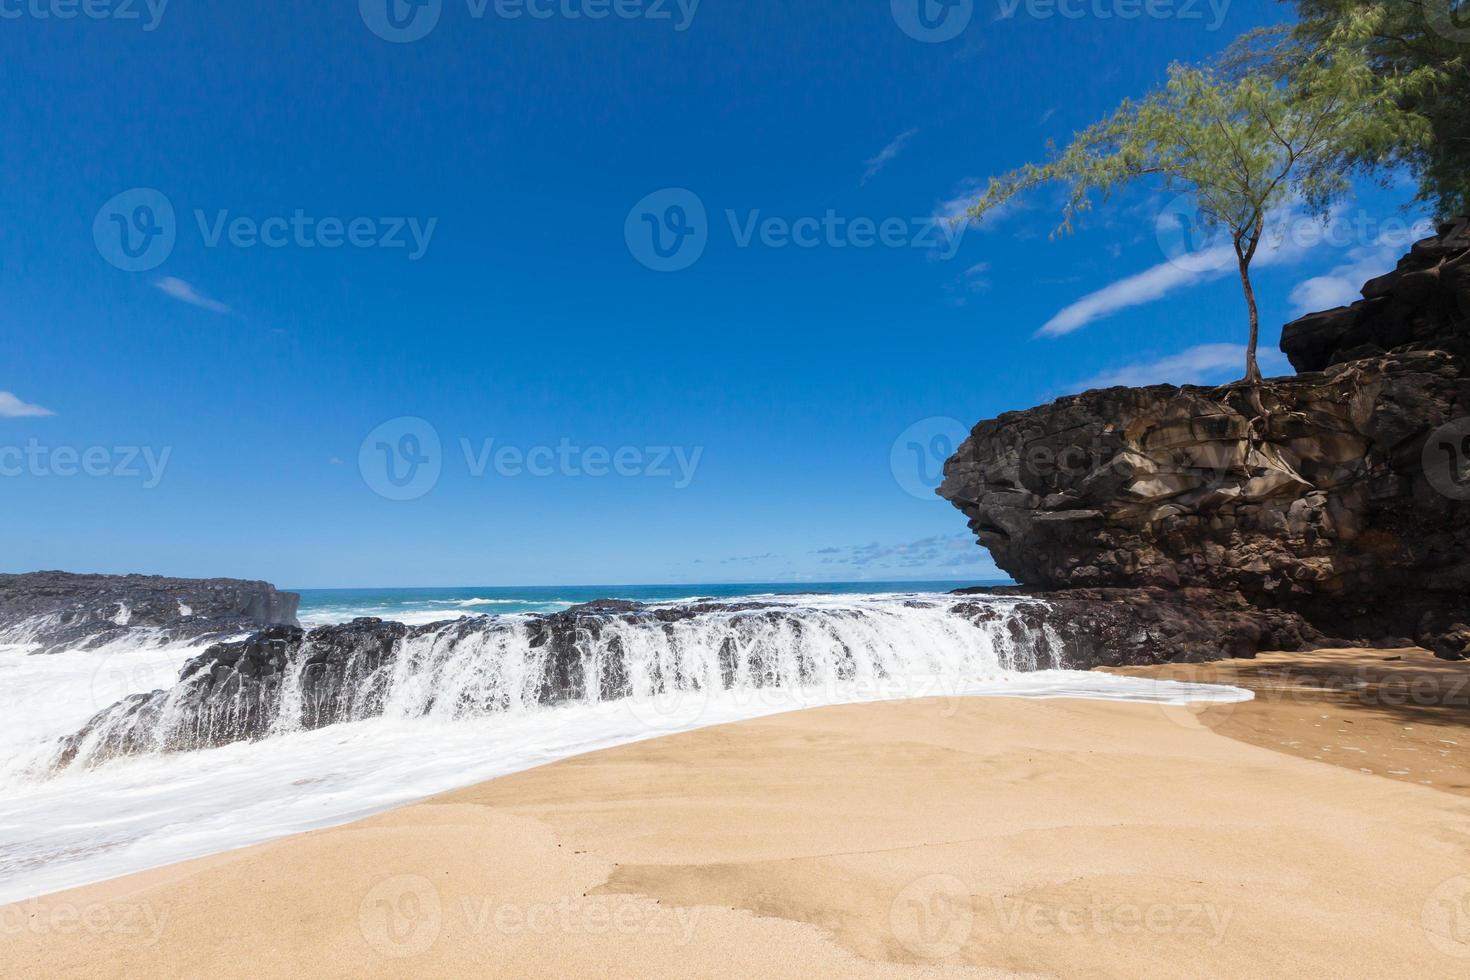 Wellen plätschern über Lavastein am schönen tropischen Sandstrand foto